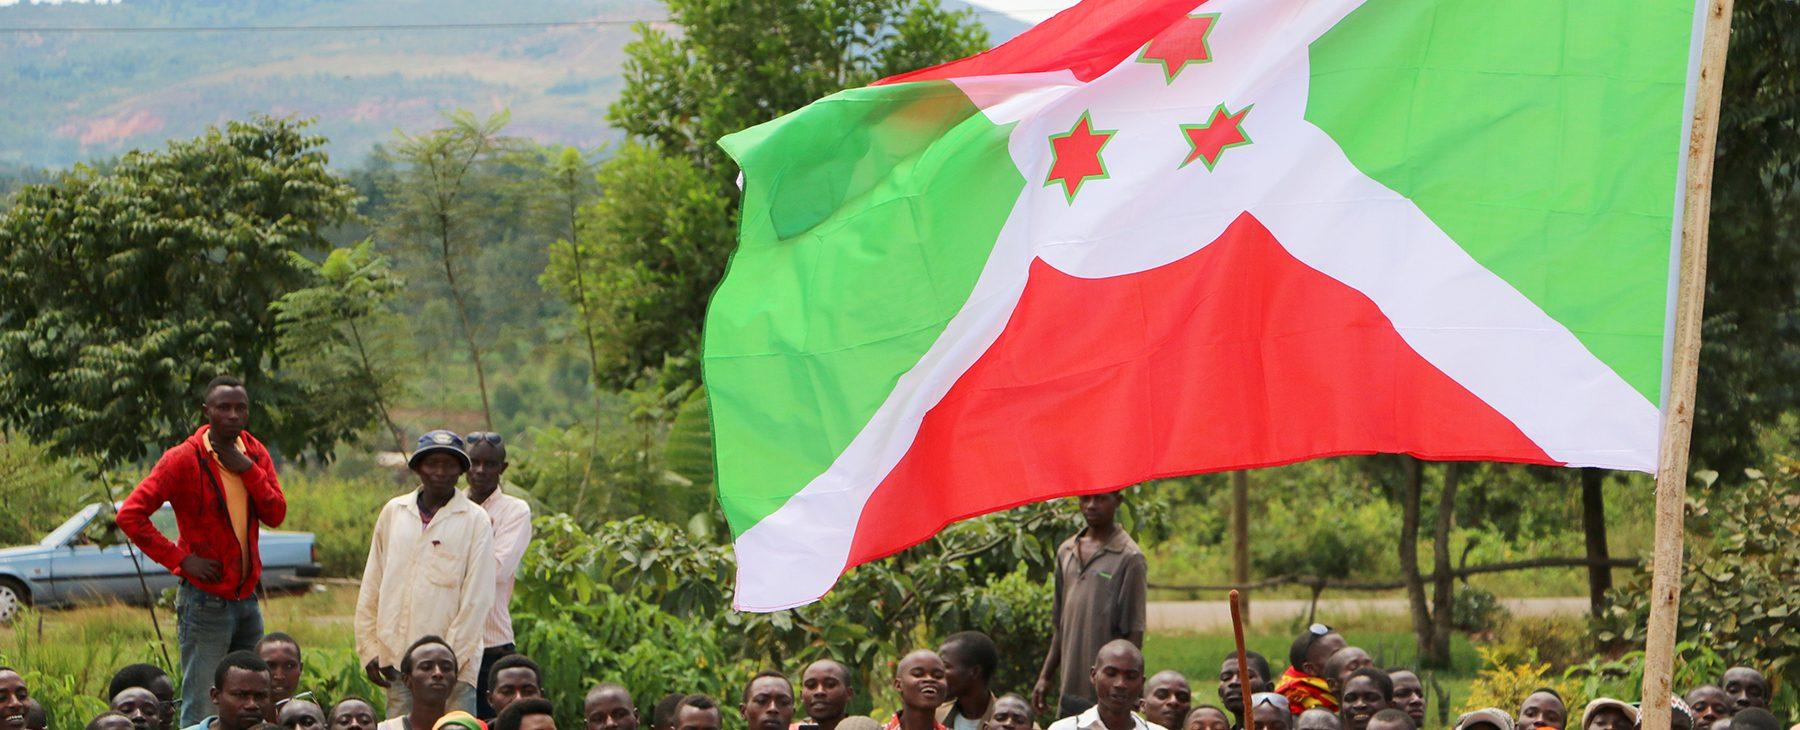 Burundi : une coalition d'ONG locales et internationales dénonce une « campagne de terreur »